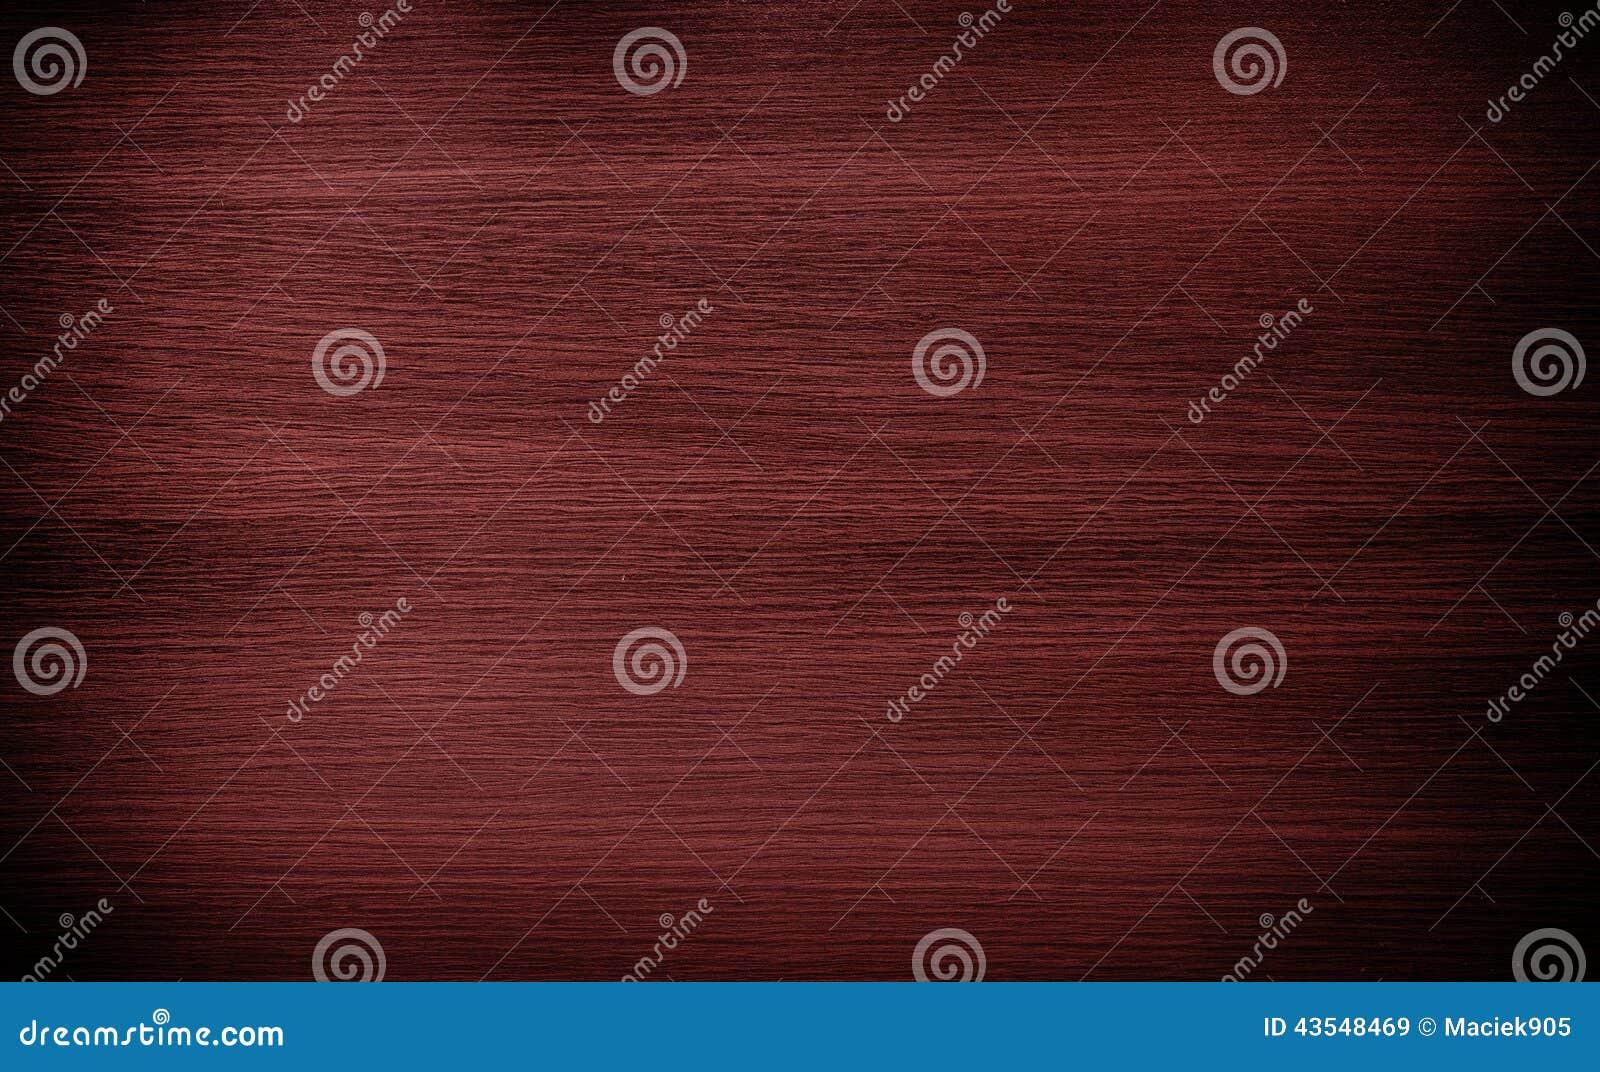 dark red wood  wooden tiles floor texture stock photo